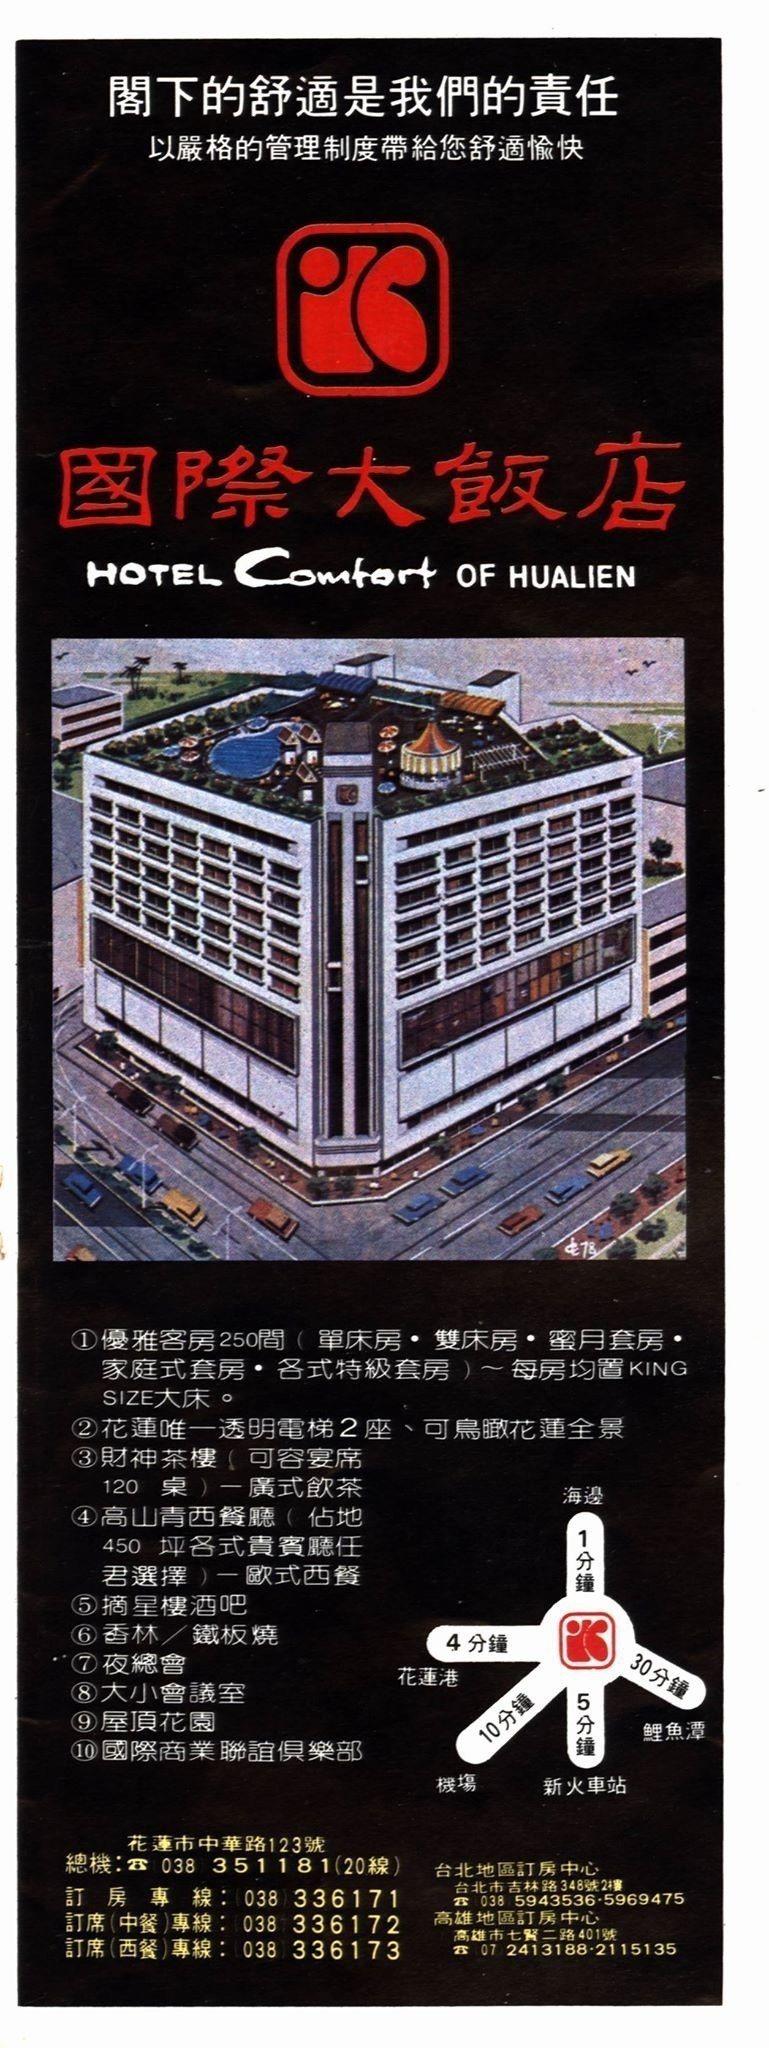 遠東百貨舊大樓的前身「國際大飯店」簡介。圖/民眾提供